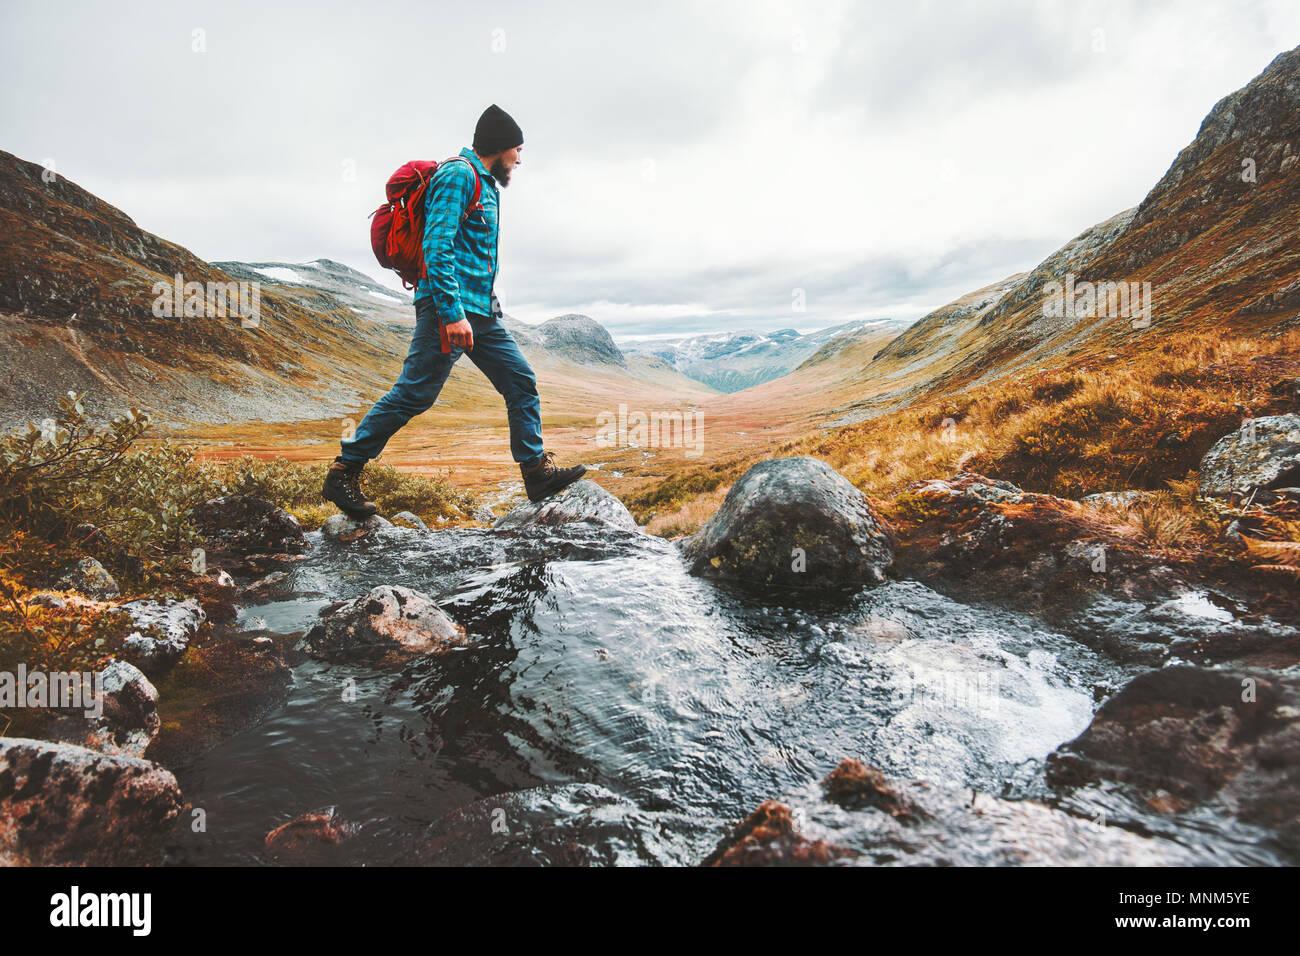 El hombre solo viaje mochilero de senderismo en las montañas escandinavas activo estilo de vida saludable adventure vacations Imagen De Stock